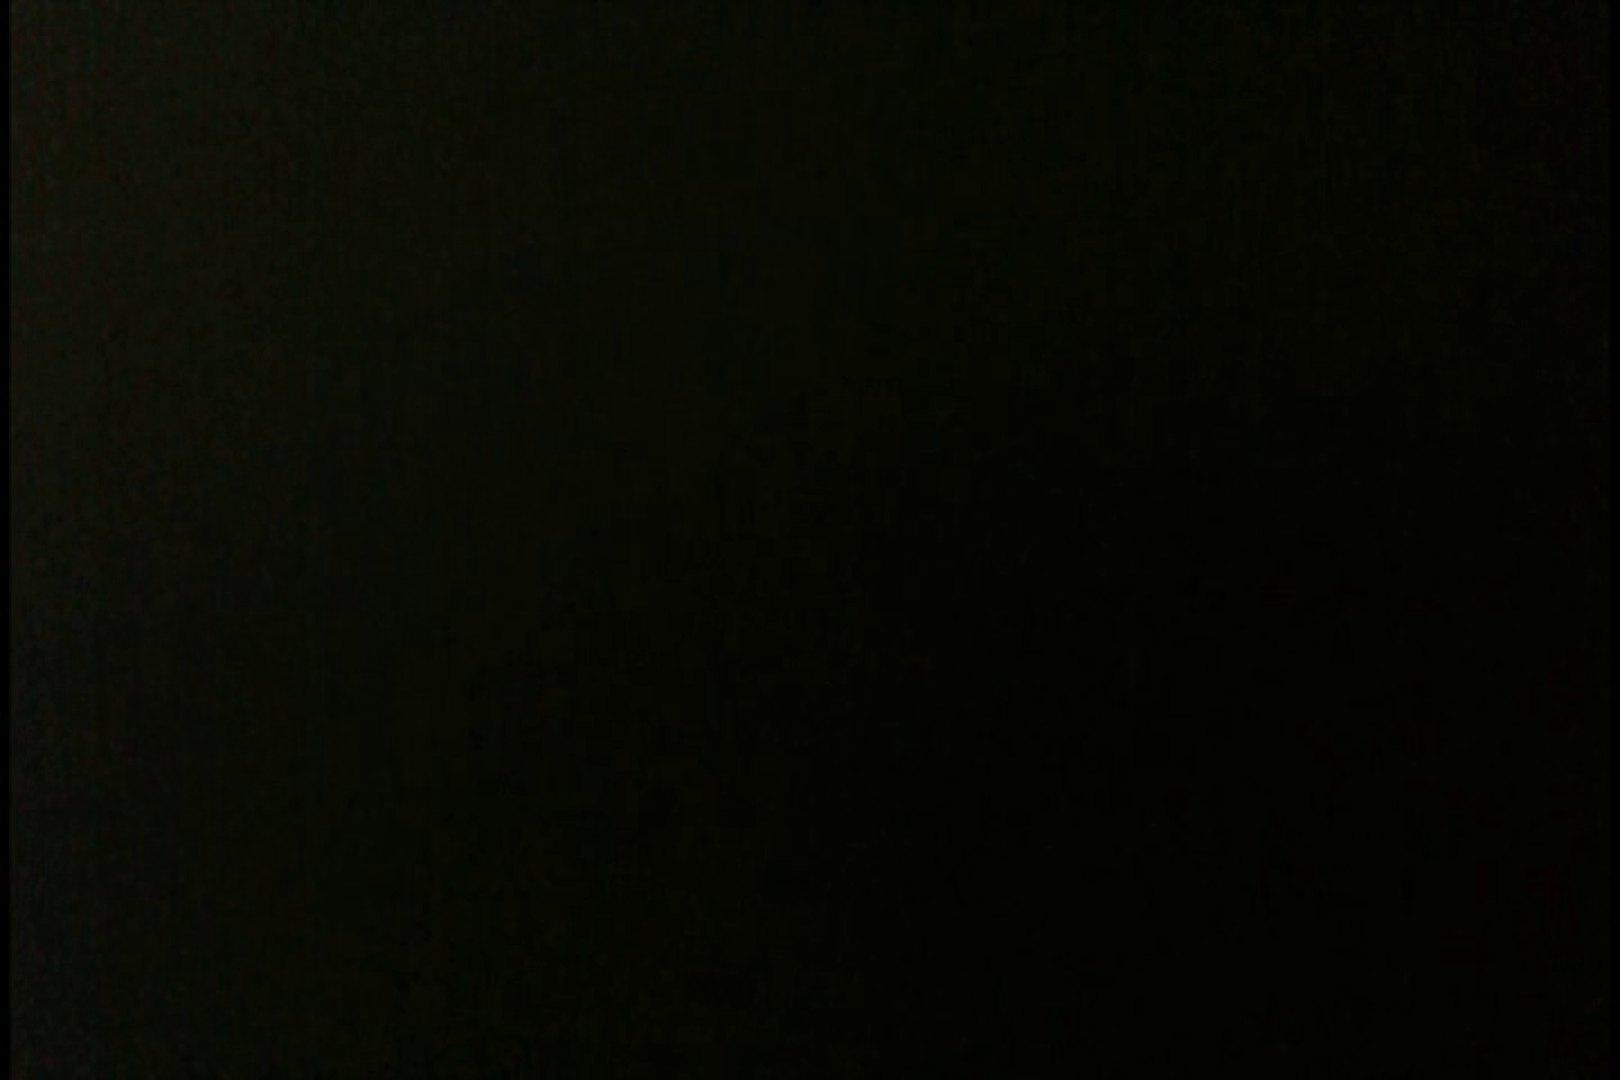 投稿!山下さんの闘病日記 激カワナースパンチラ vol.04 ナースのエロ動画 おまんこ無修正動画無料 83PIX 71